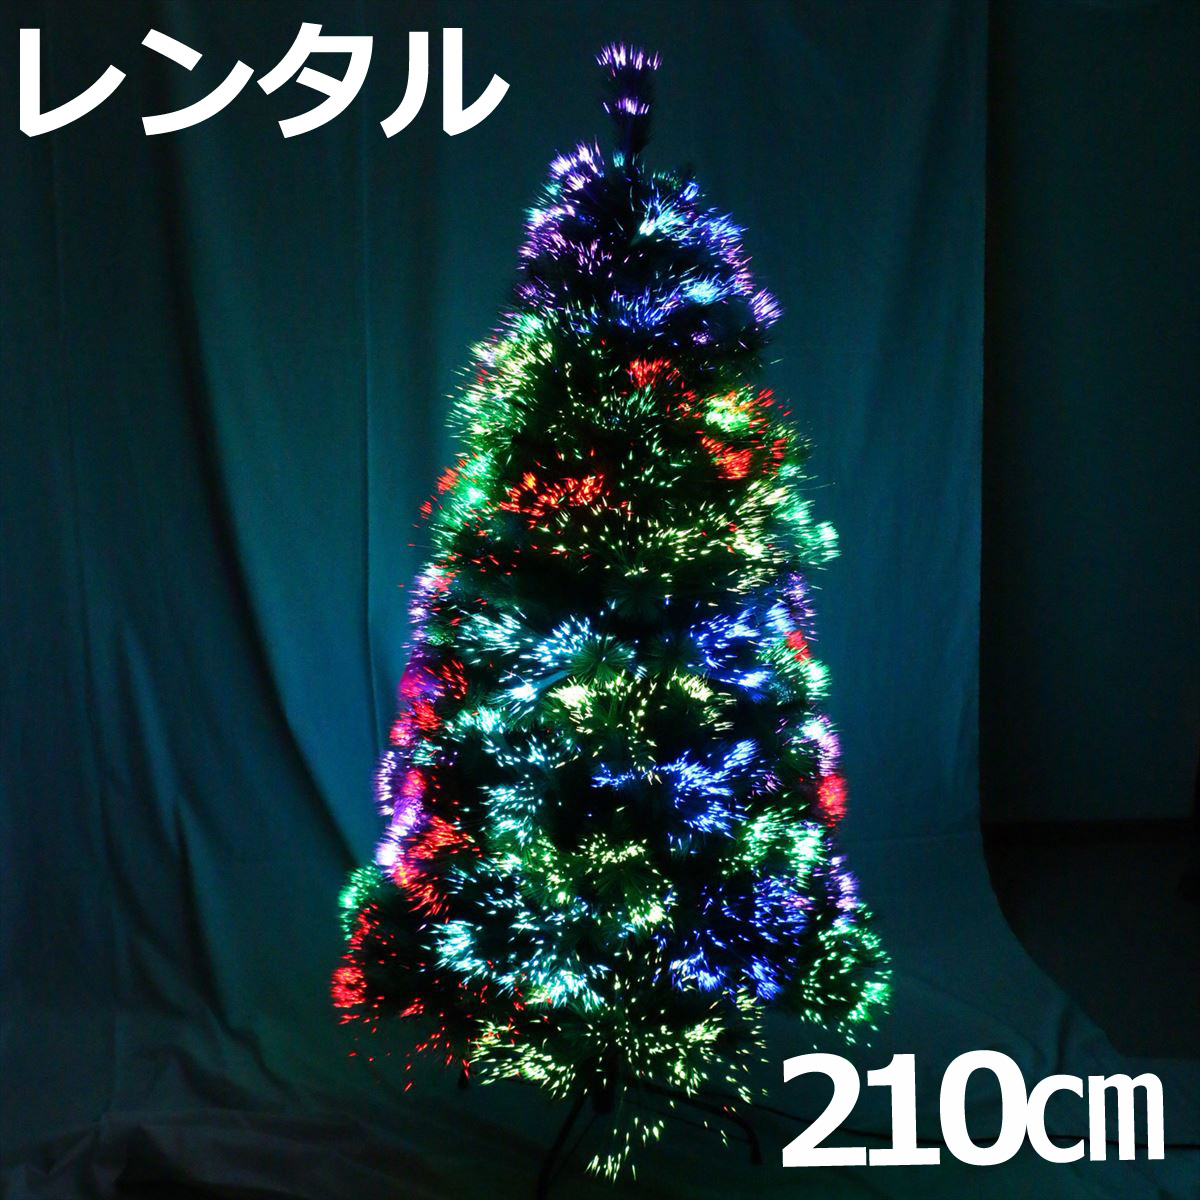 【レンタル】 210cm LEDファイバー オーロラファイバーツリー 【往復 送料無料】 クリスマスツリー レンタル fy16REN07